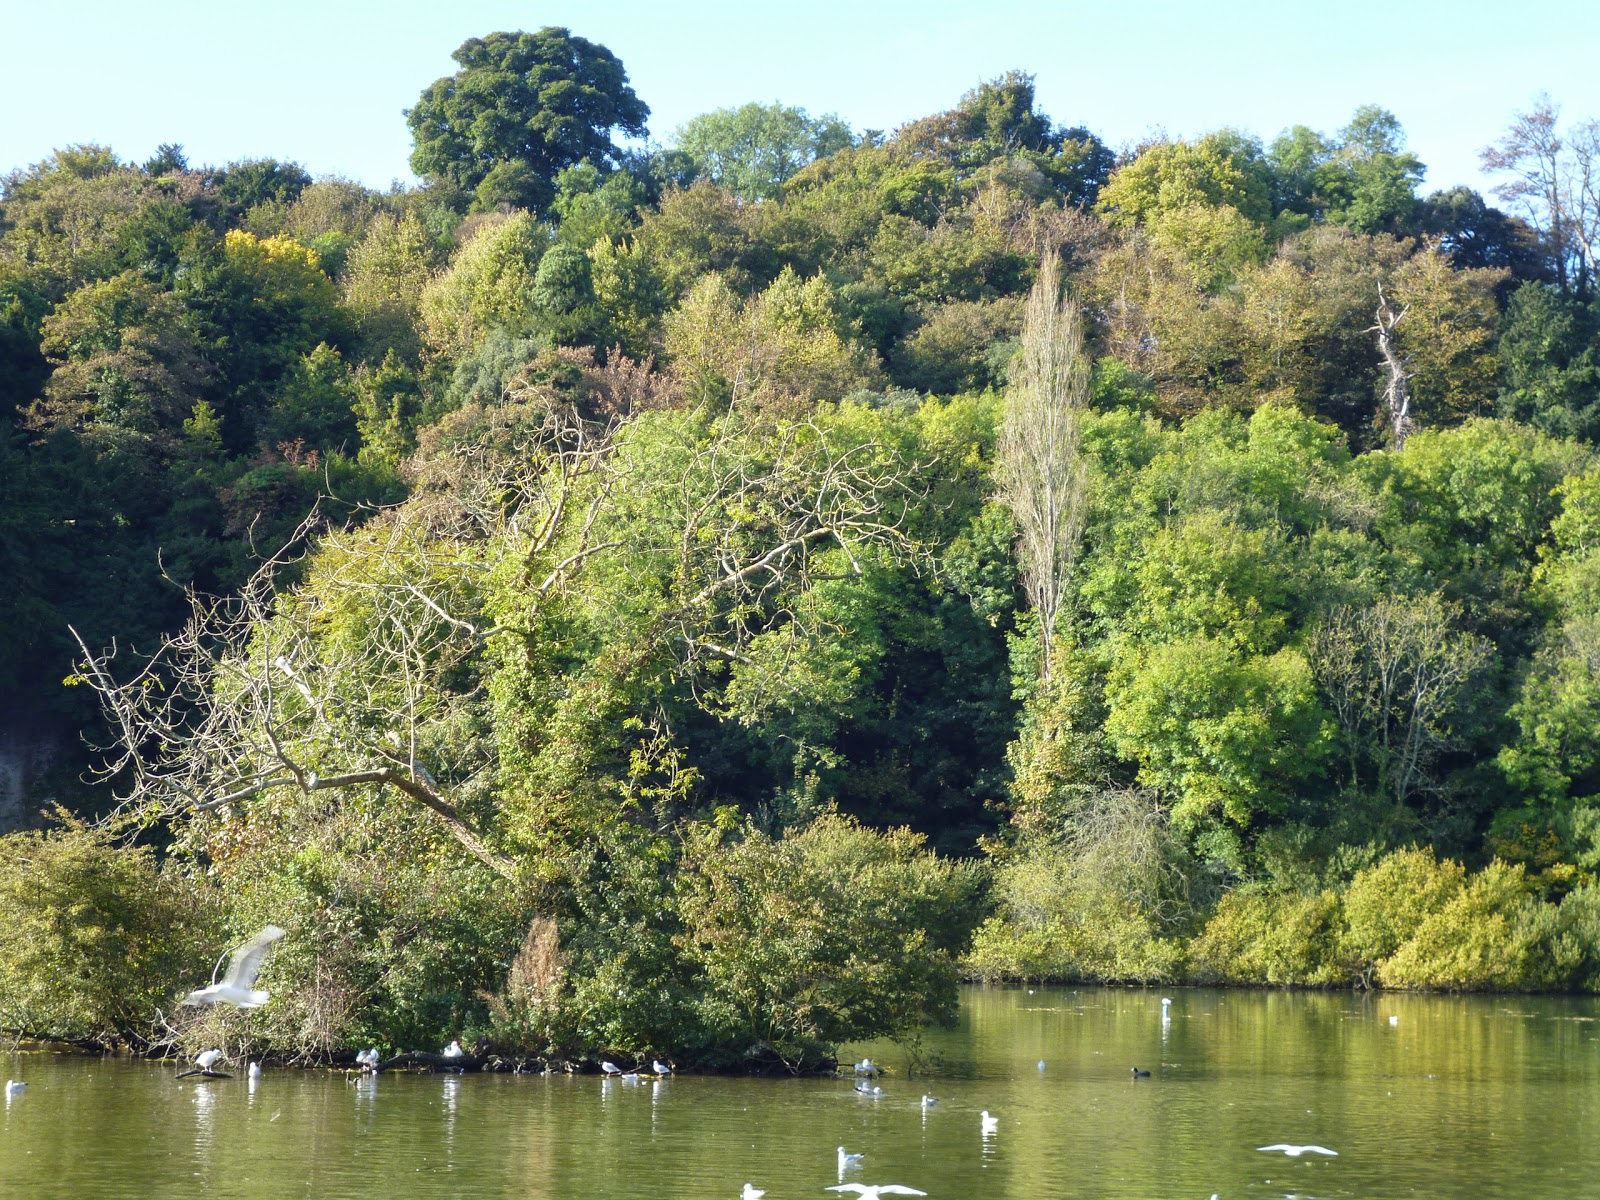 Lake and island arundel birds